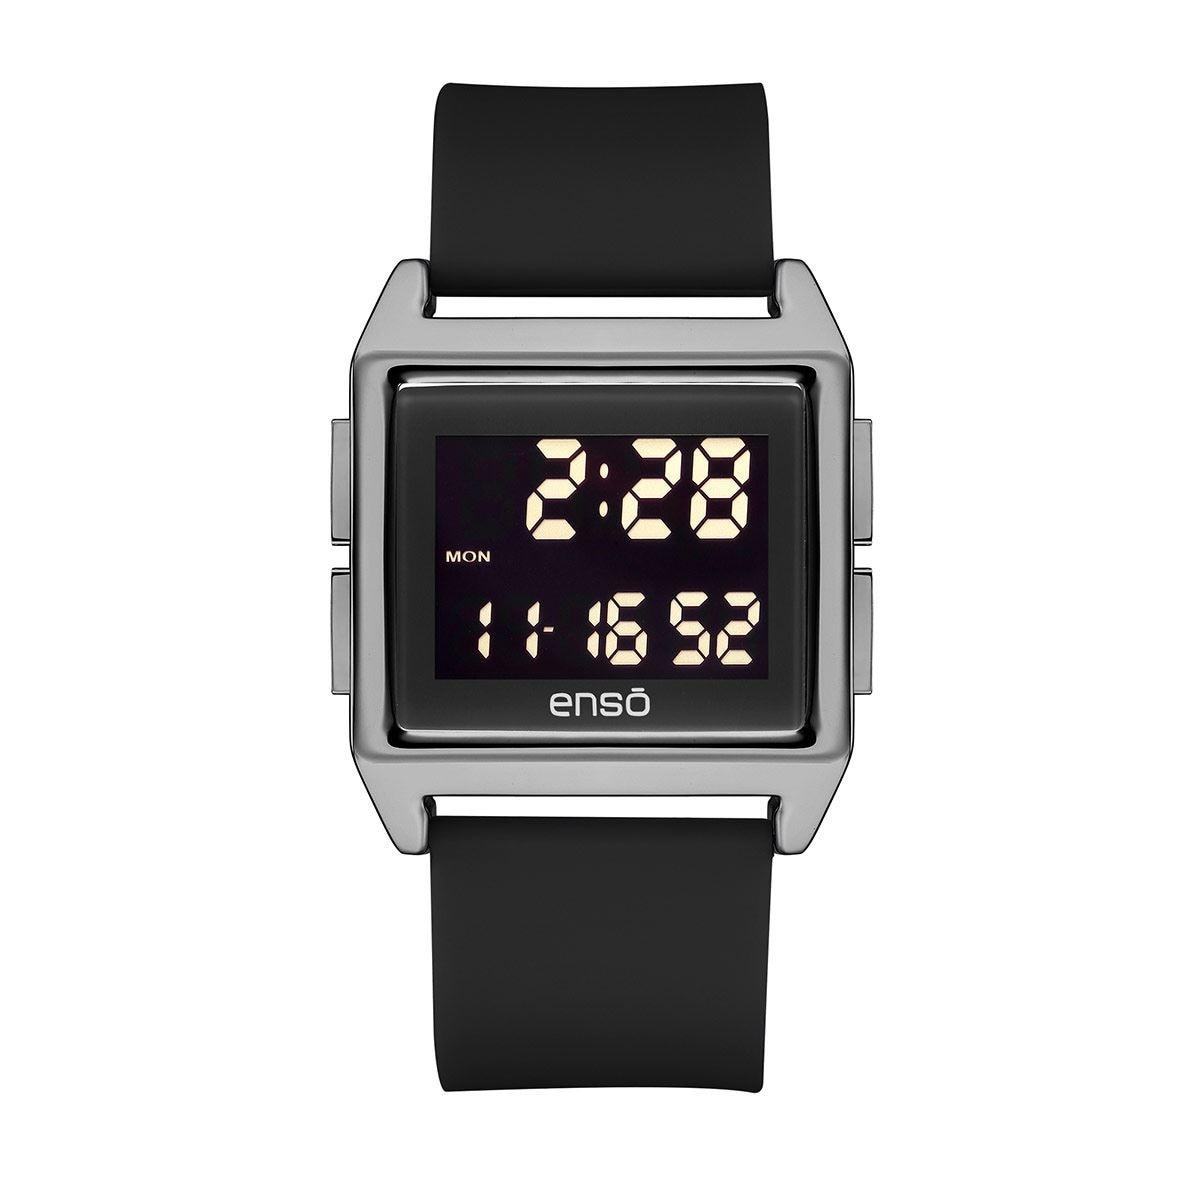 Reloj Enso EW1014G2 de Caballero